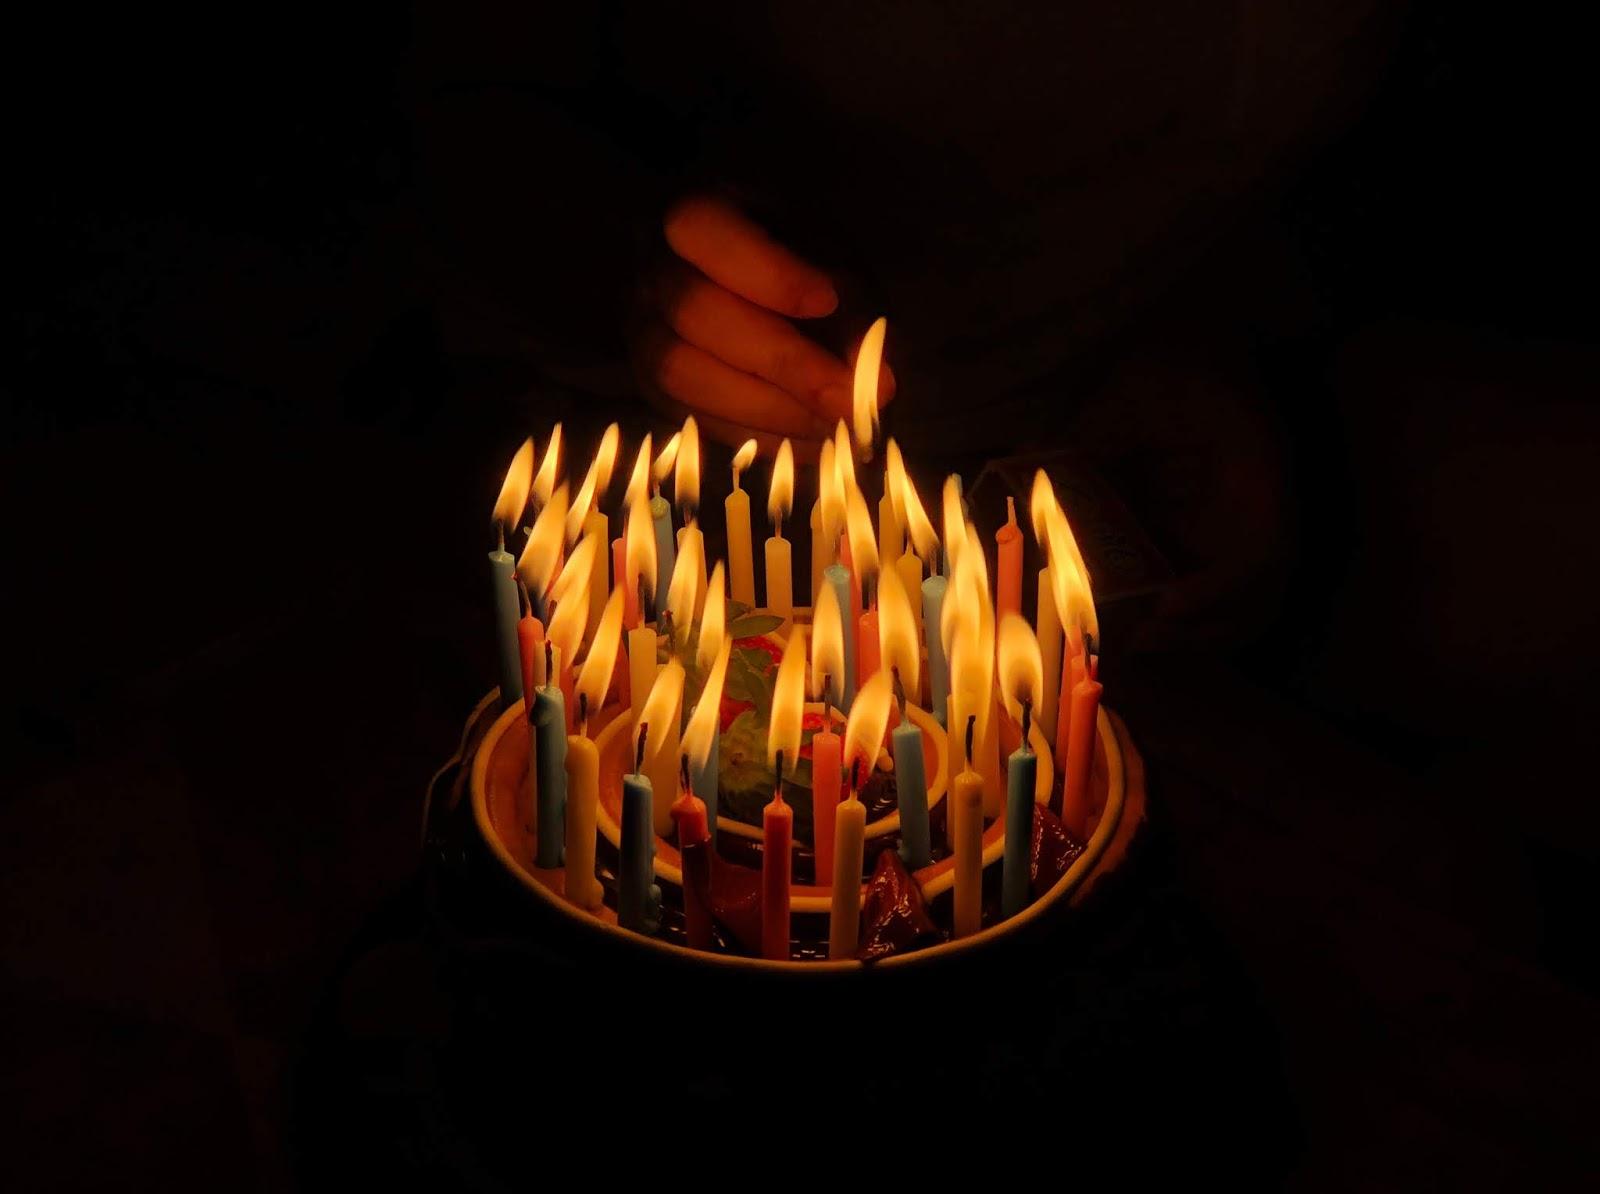 हैप्पी बर्थडे (Happy Birthday) इमेज HD,हैप्पी बर्थडे इमेज FULL HD Images